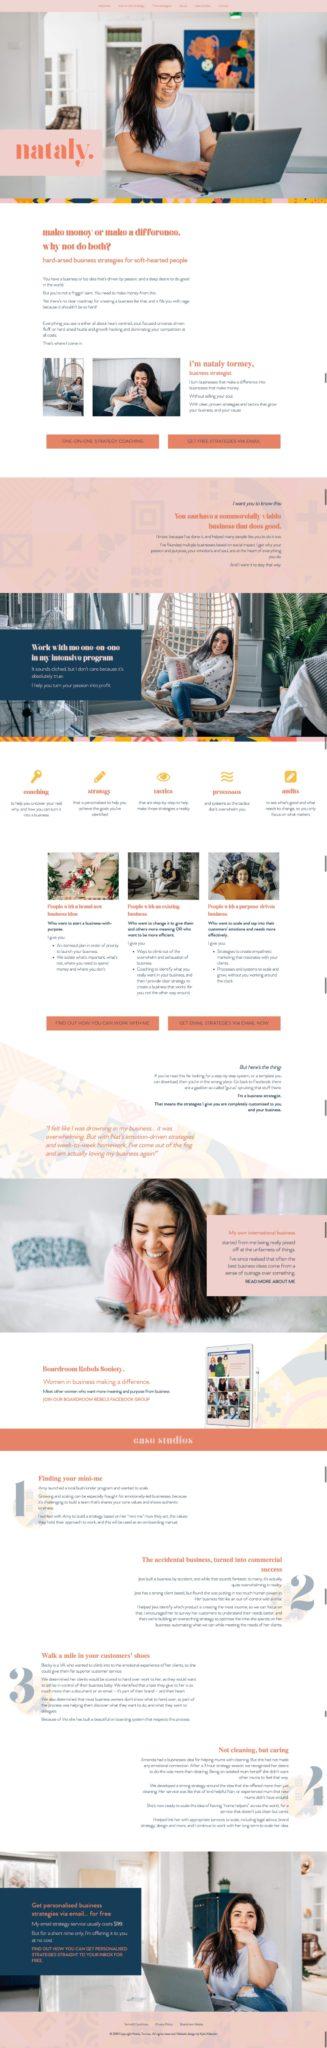 Business strategist website design